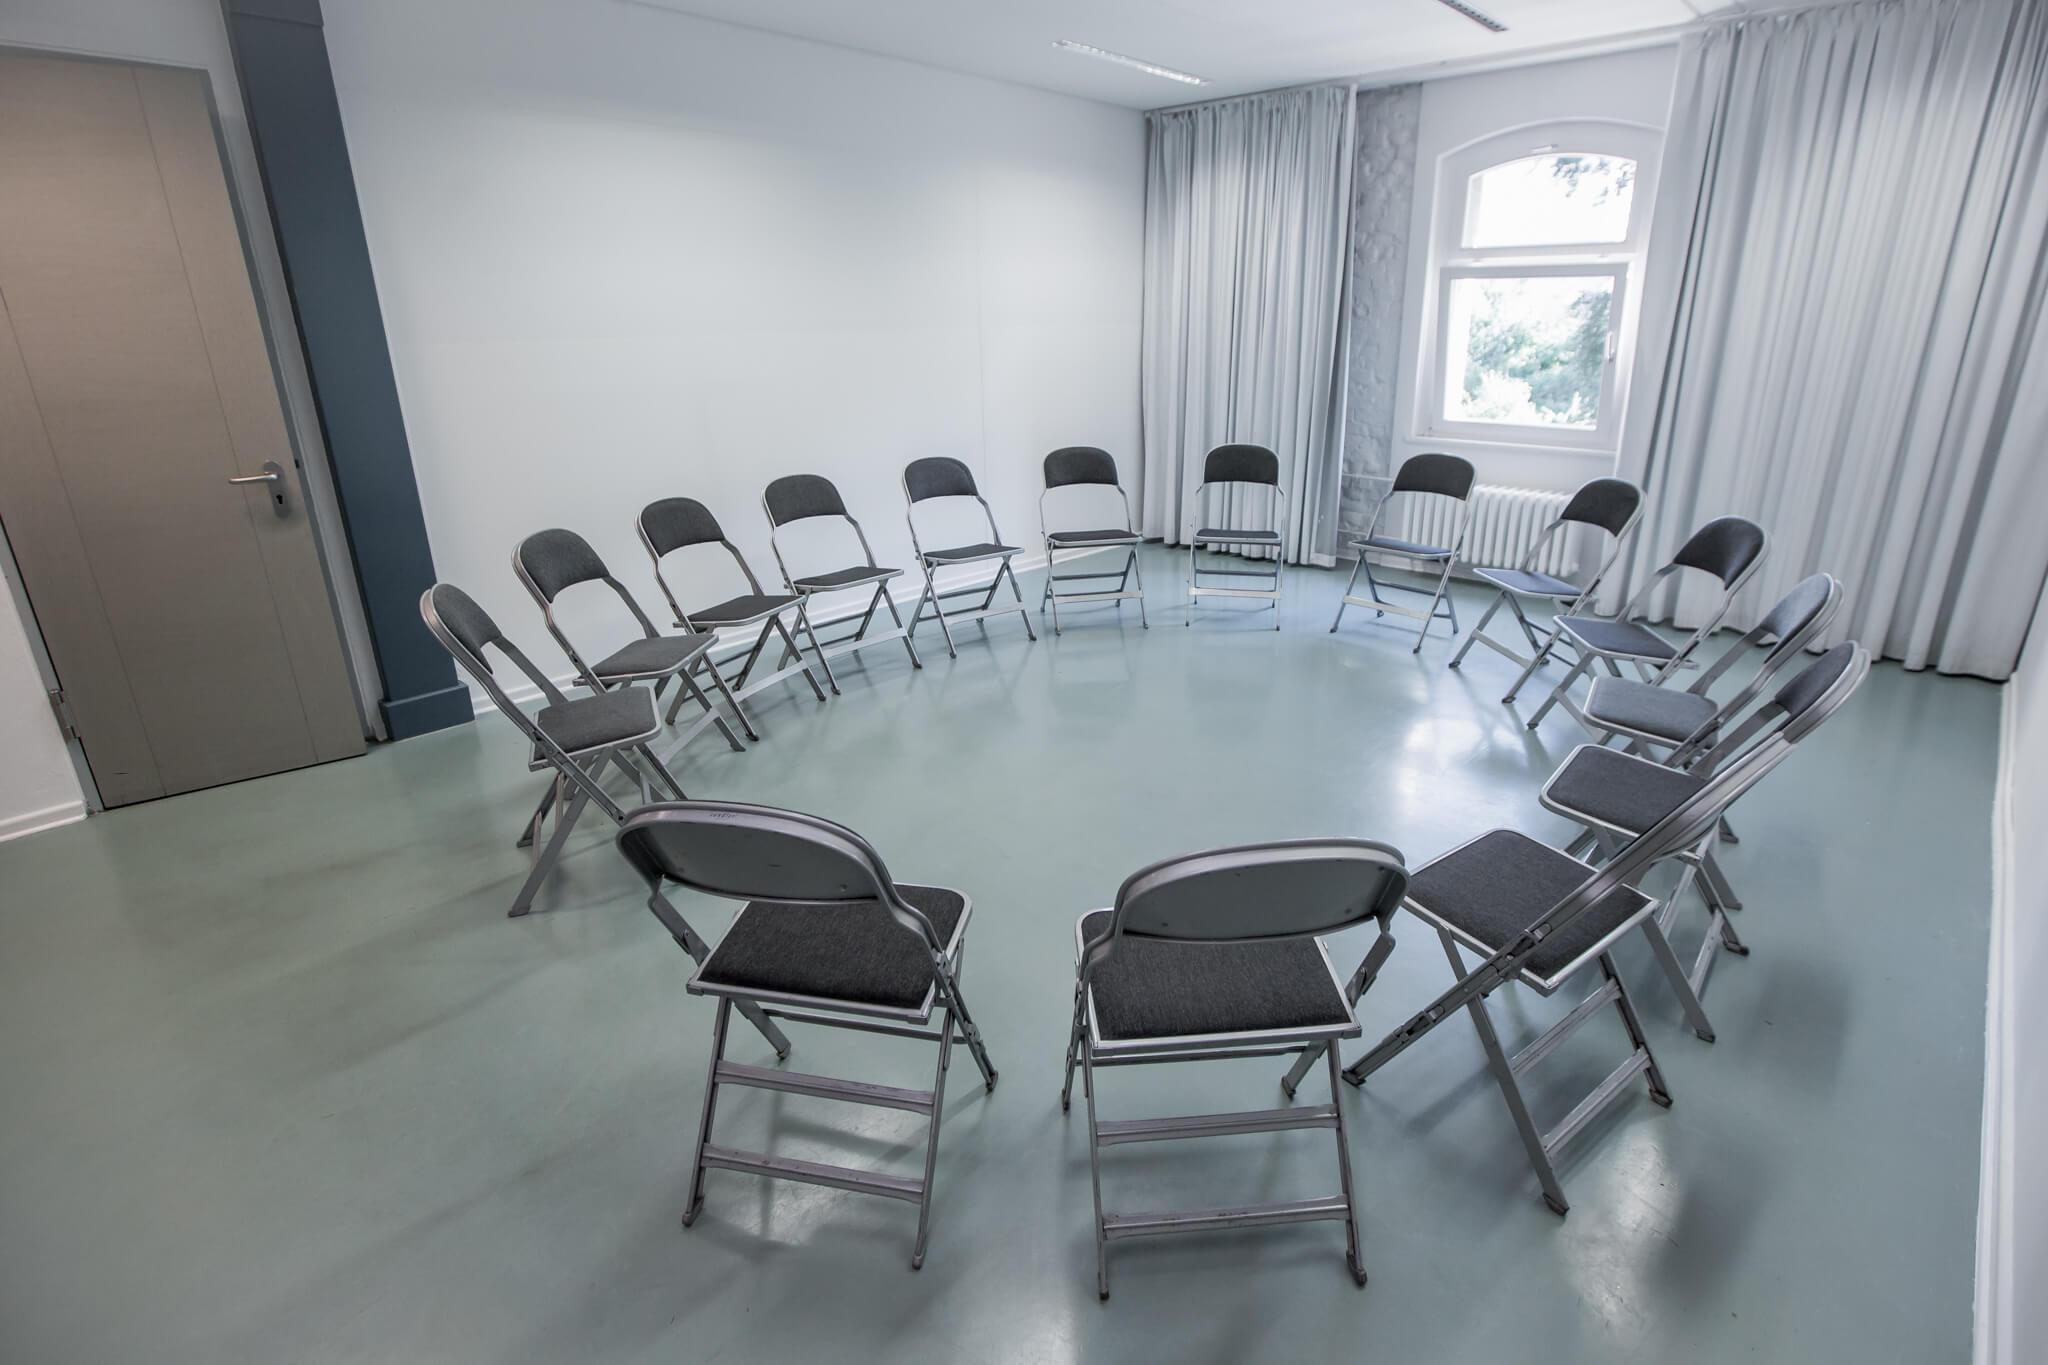 Tischkreis im Seminarraum 3